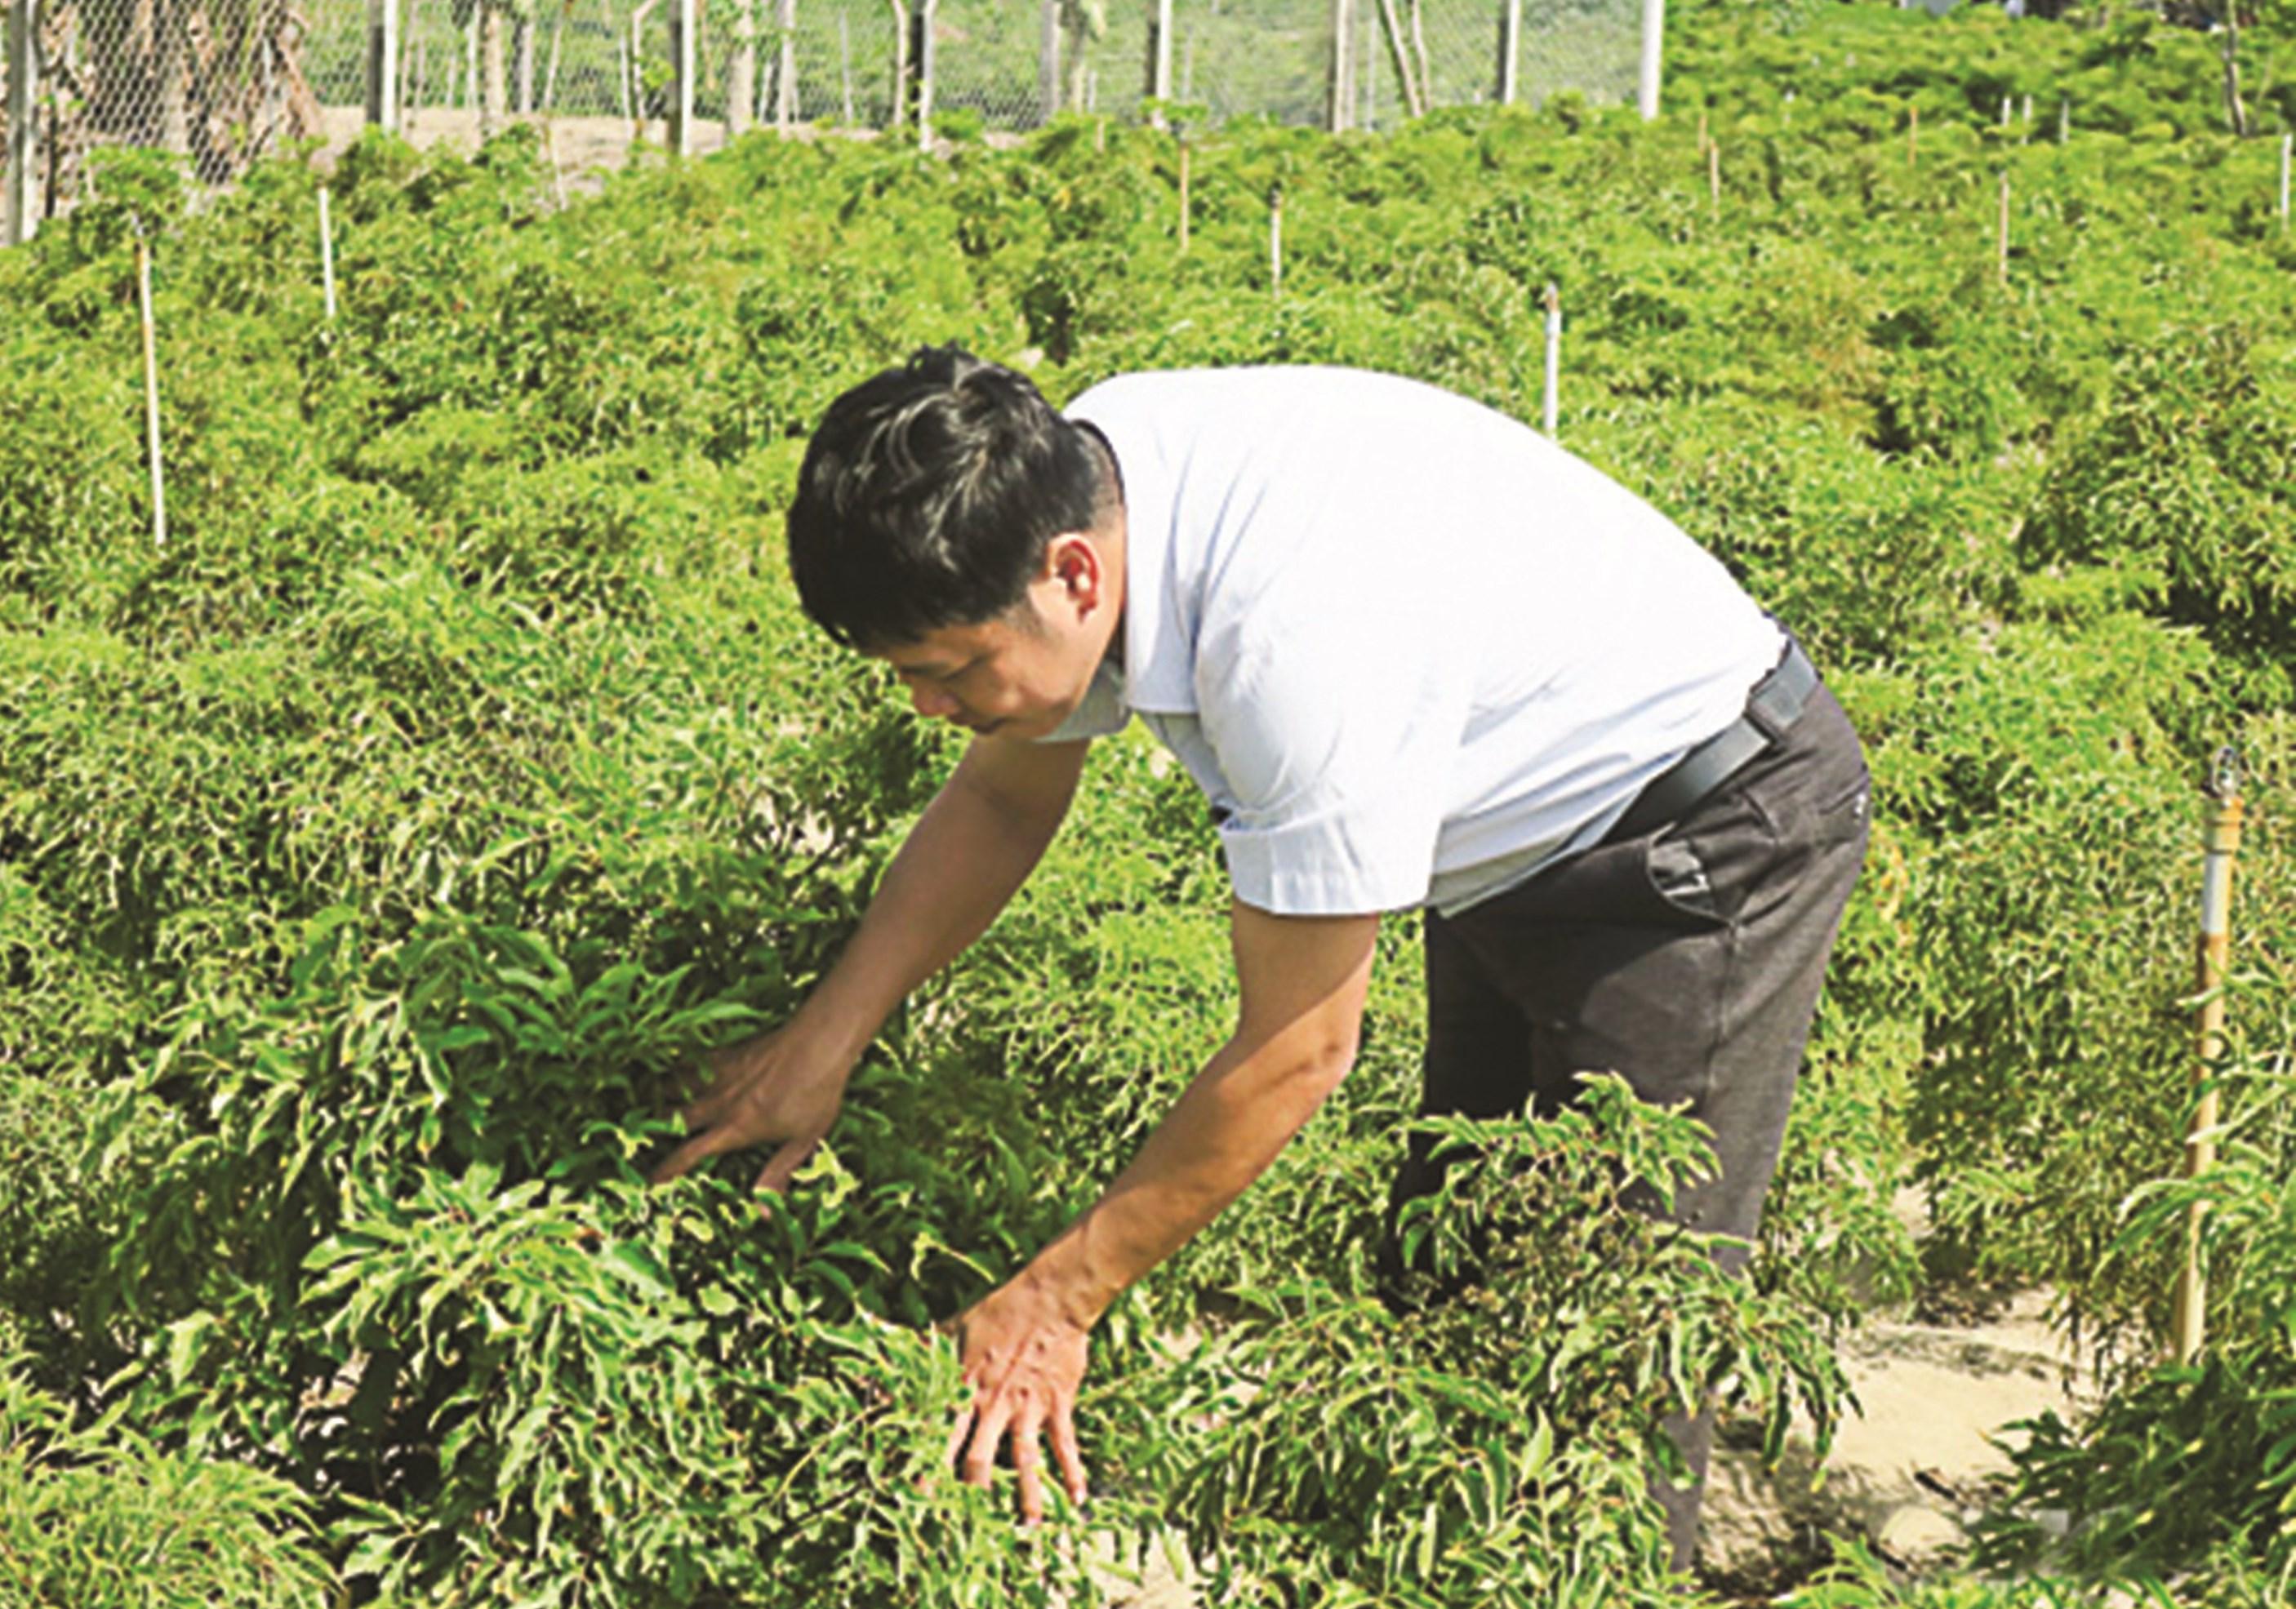 Cán bộ Viện Nghiên cứu Bông và Phát triển nông nghiệp Nha Hố (Ninh Thuận) kiểm tra vườn đinh lăng trồng thử nghiệm